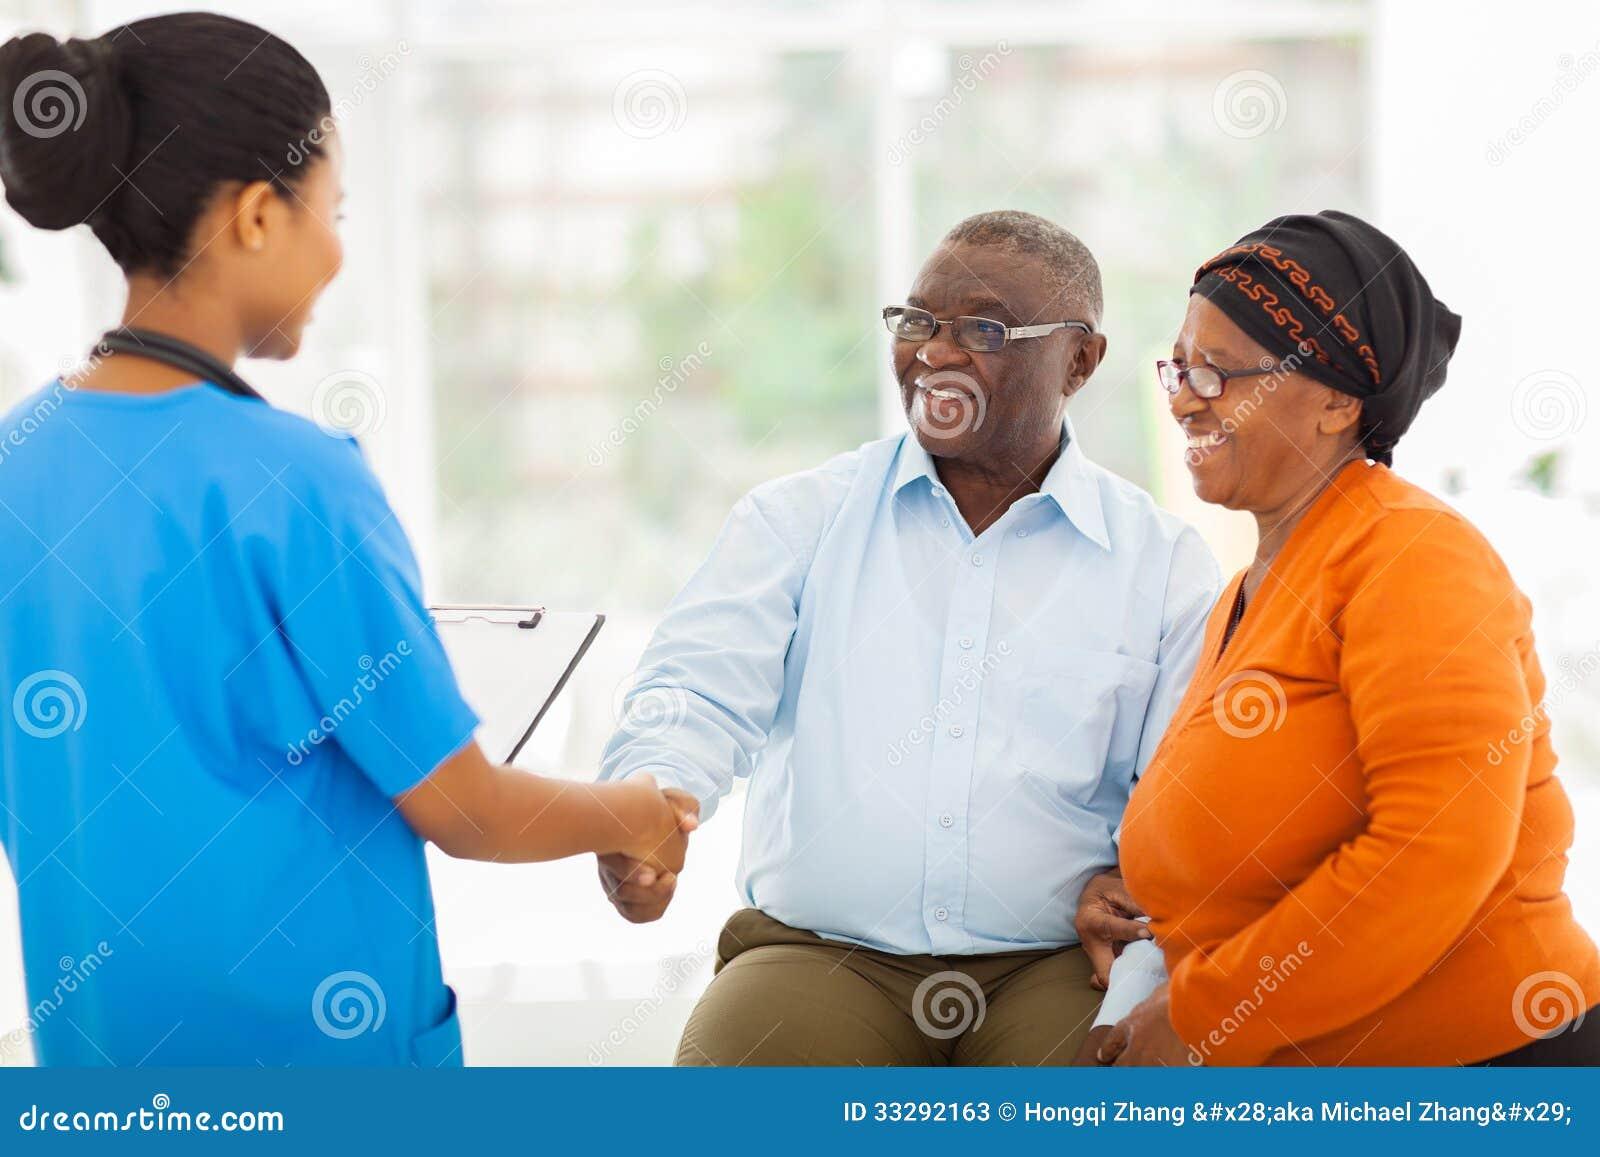 Imagens De Cumprimento: Pares Superiores De Cumprimento Da Enfermeira Africana